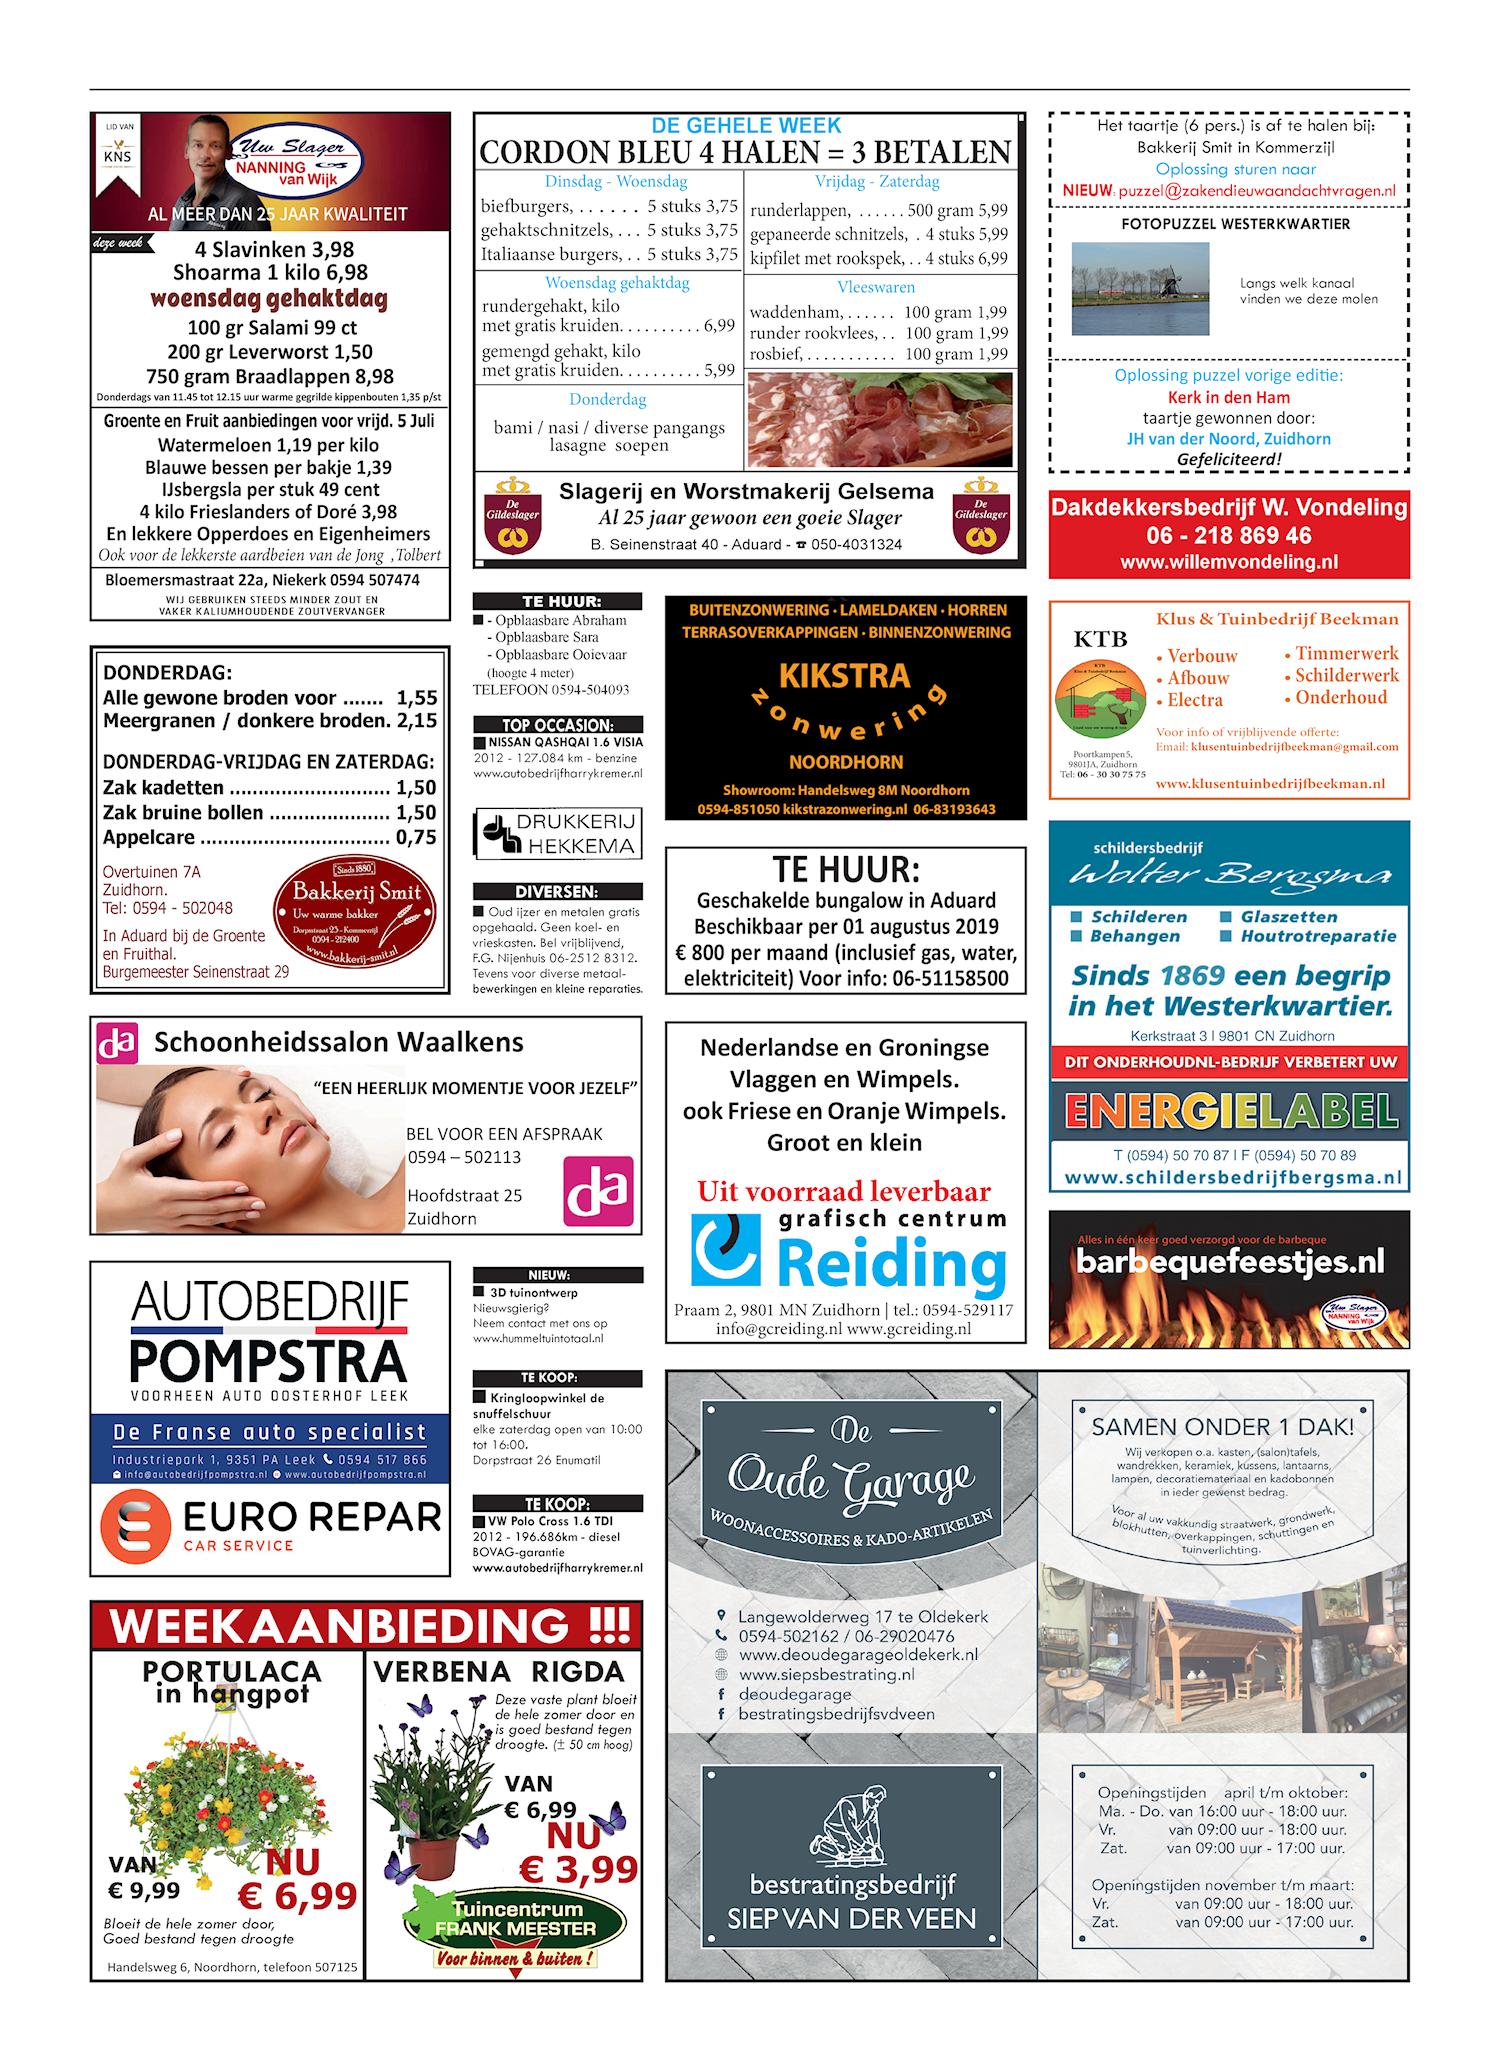 Drukkerij Hekkema - Zuidhorn - Zaken die uw aandacht vragen 2019 week 27